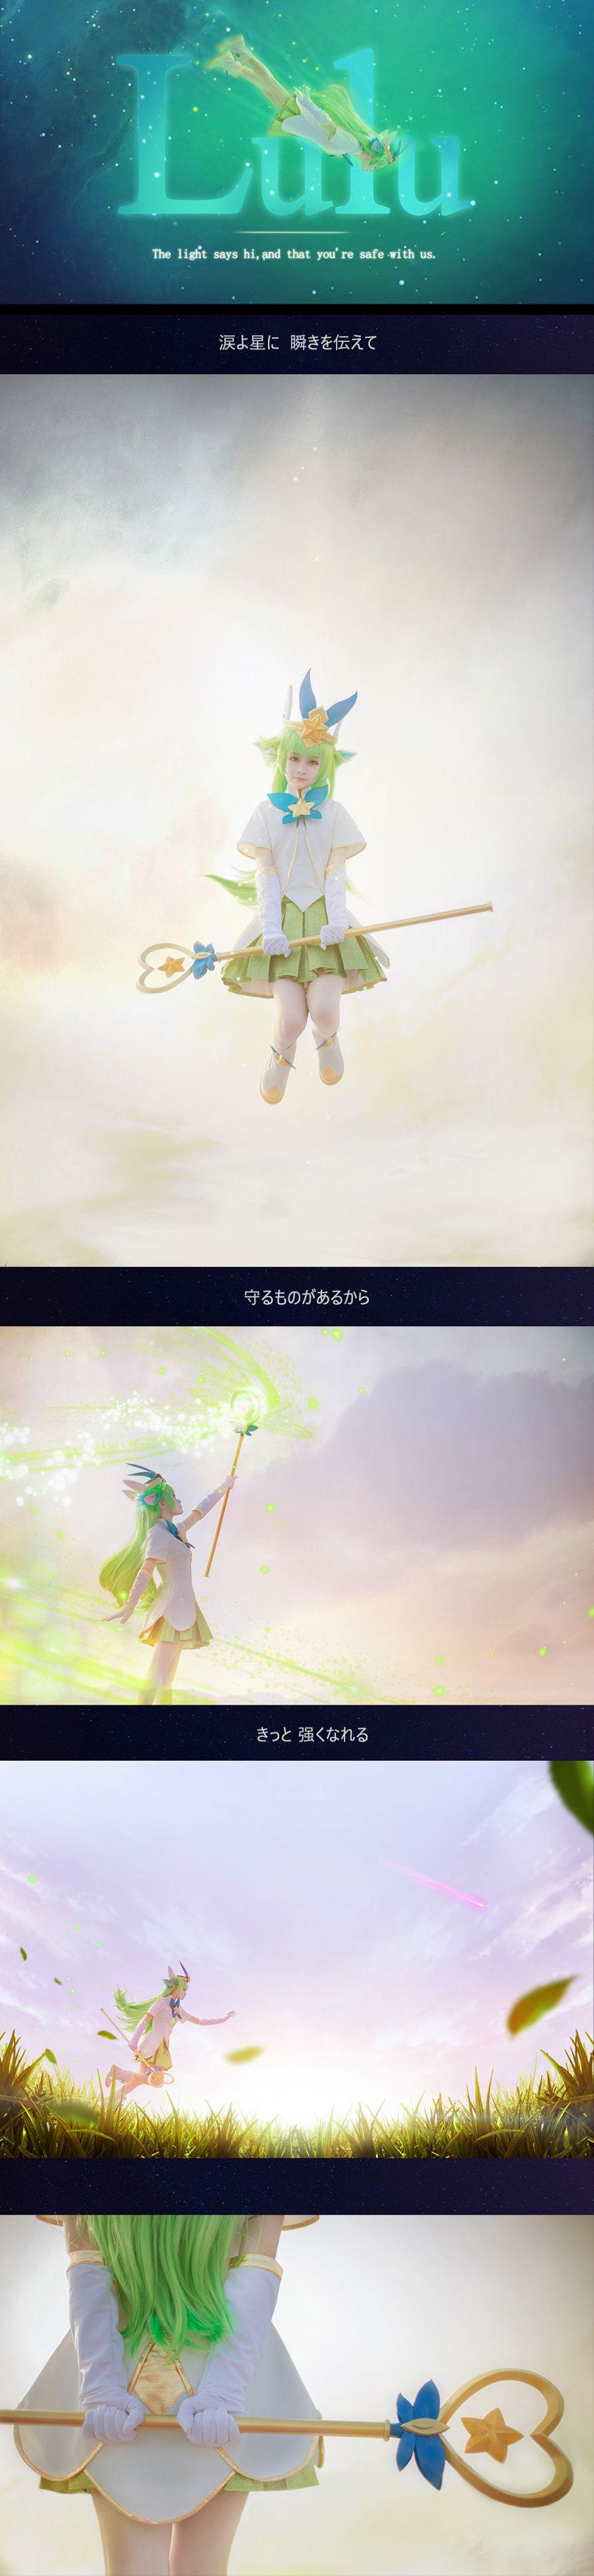 Ngắm cosplay Lulu Vệ Binh Tinh Tú trong veo của Maki - Ảnh 2